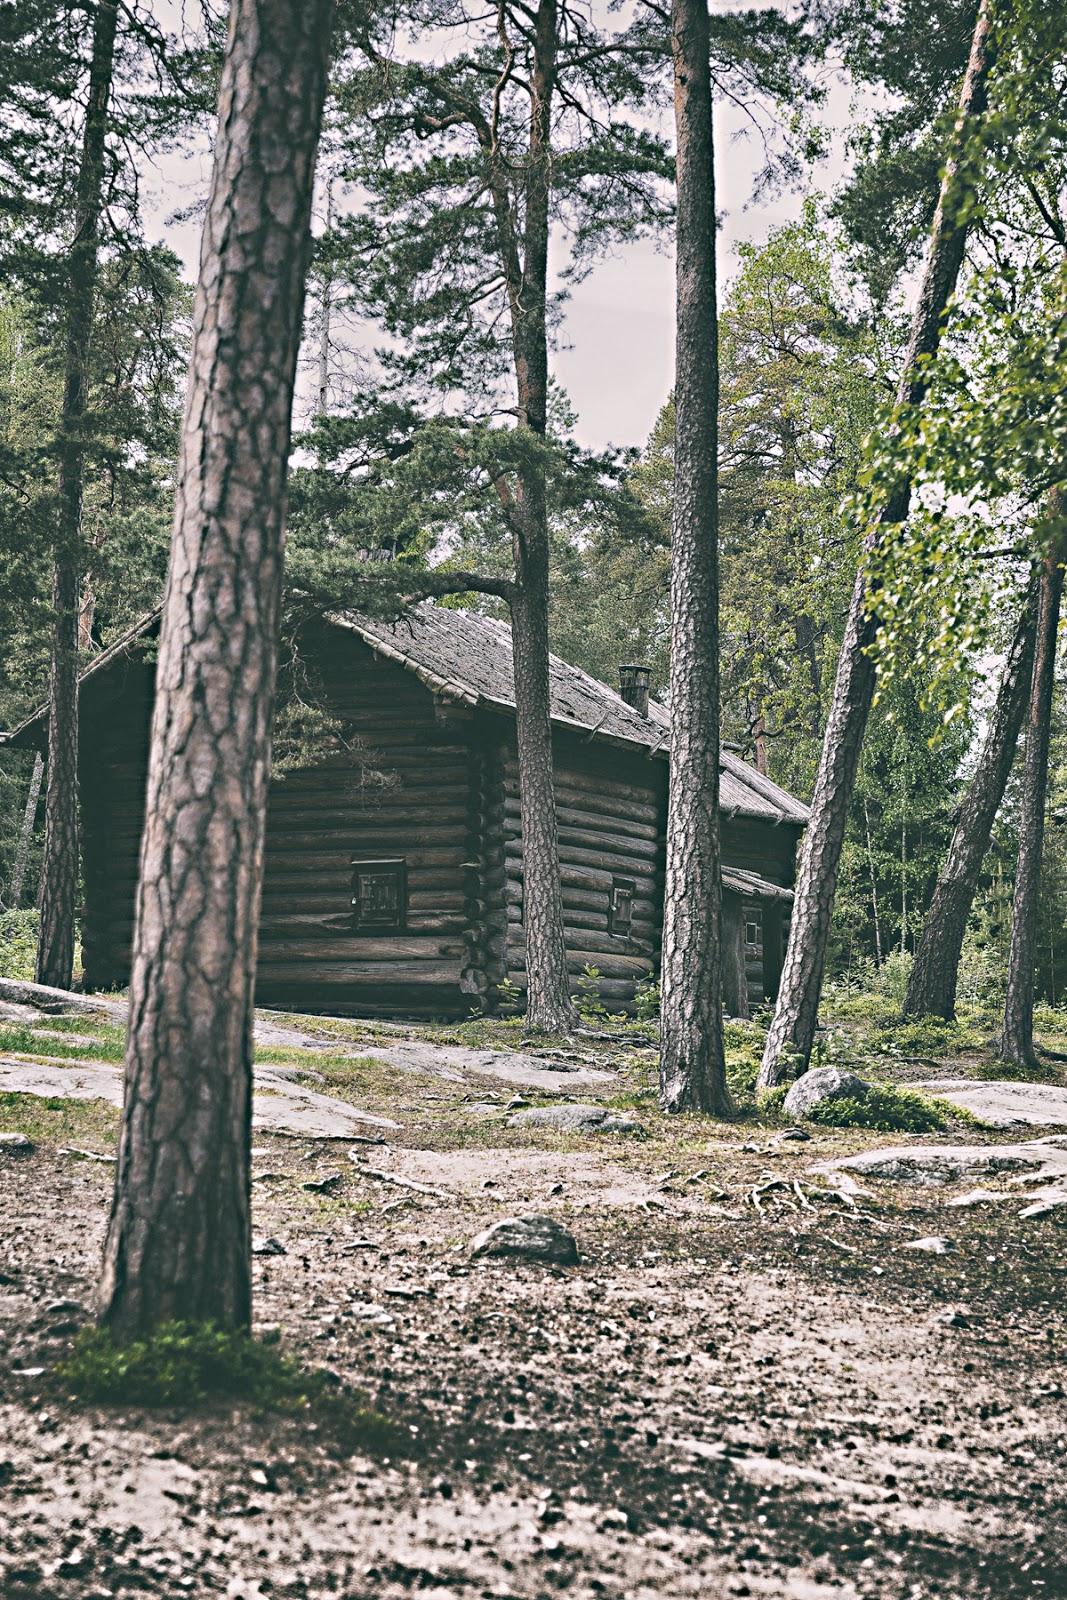 Helsinki, visithelsinki, myhelsinki, Seurasaari, ulkoilu, outdoors, outdoorphotography, finland, visitfinland, discoverfinland, photographer, valokuvaaja, Frida Steiner, Visualaddict, visualaddictfrida, nature